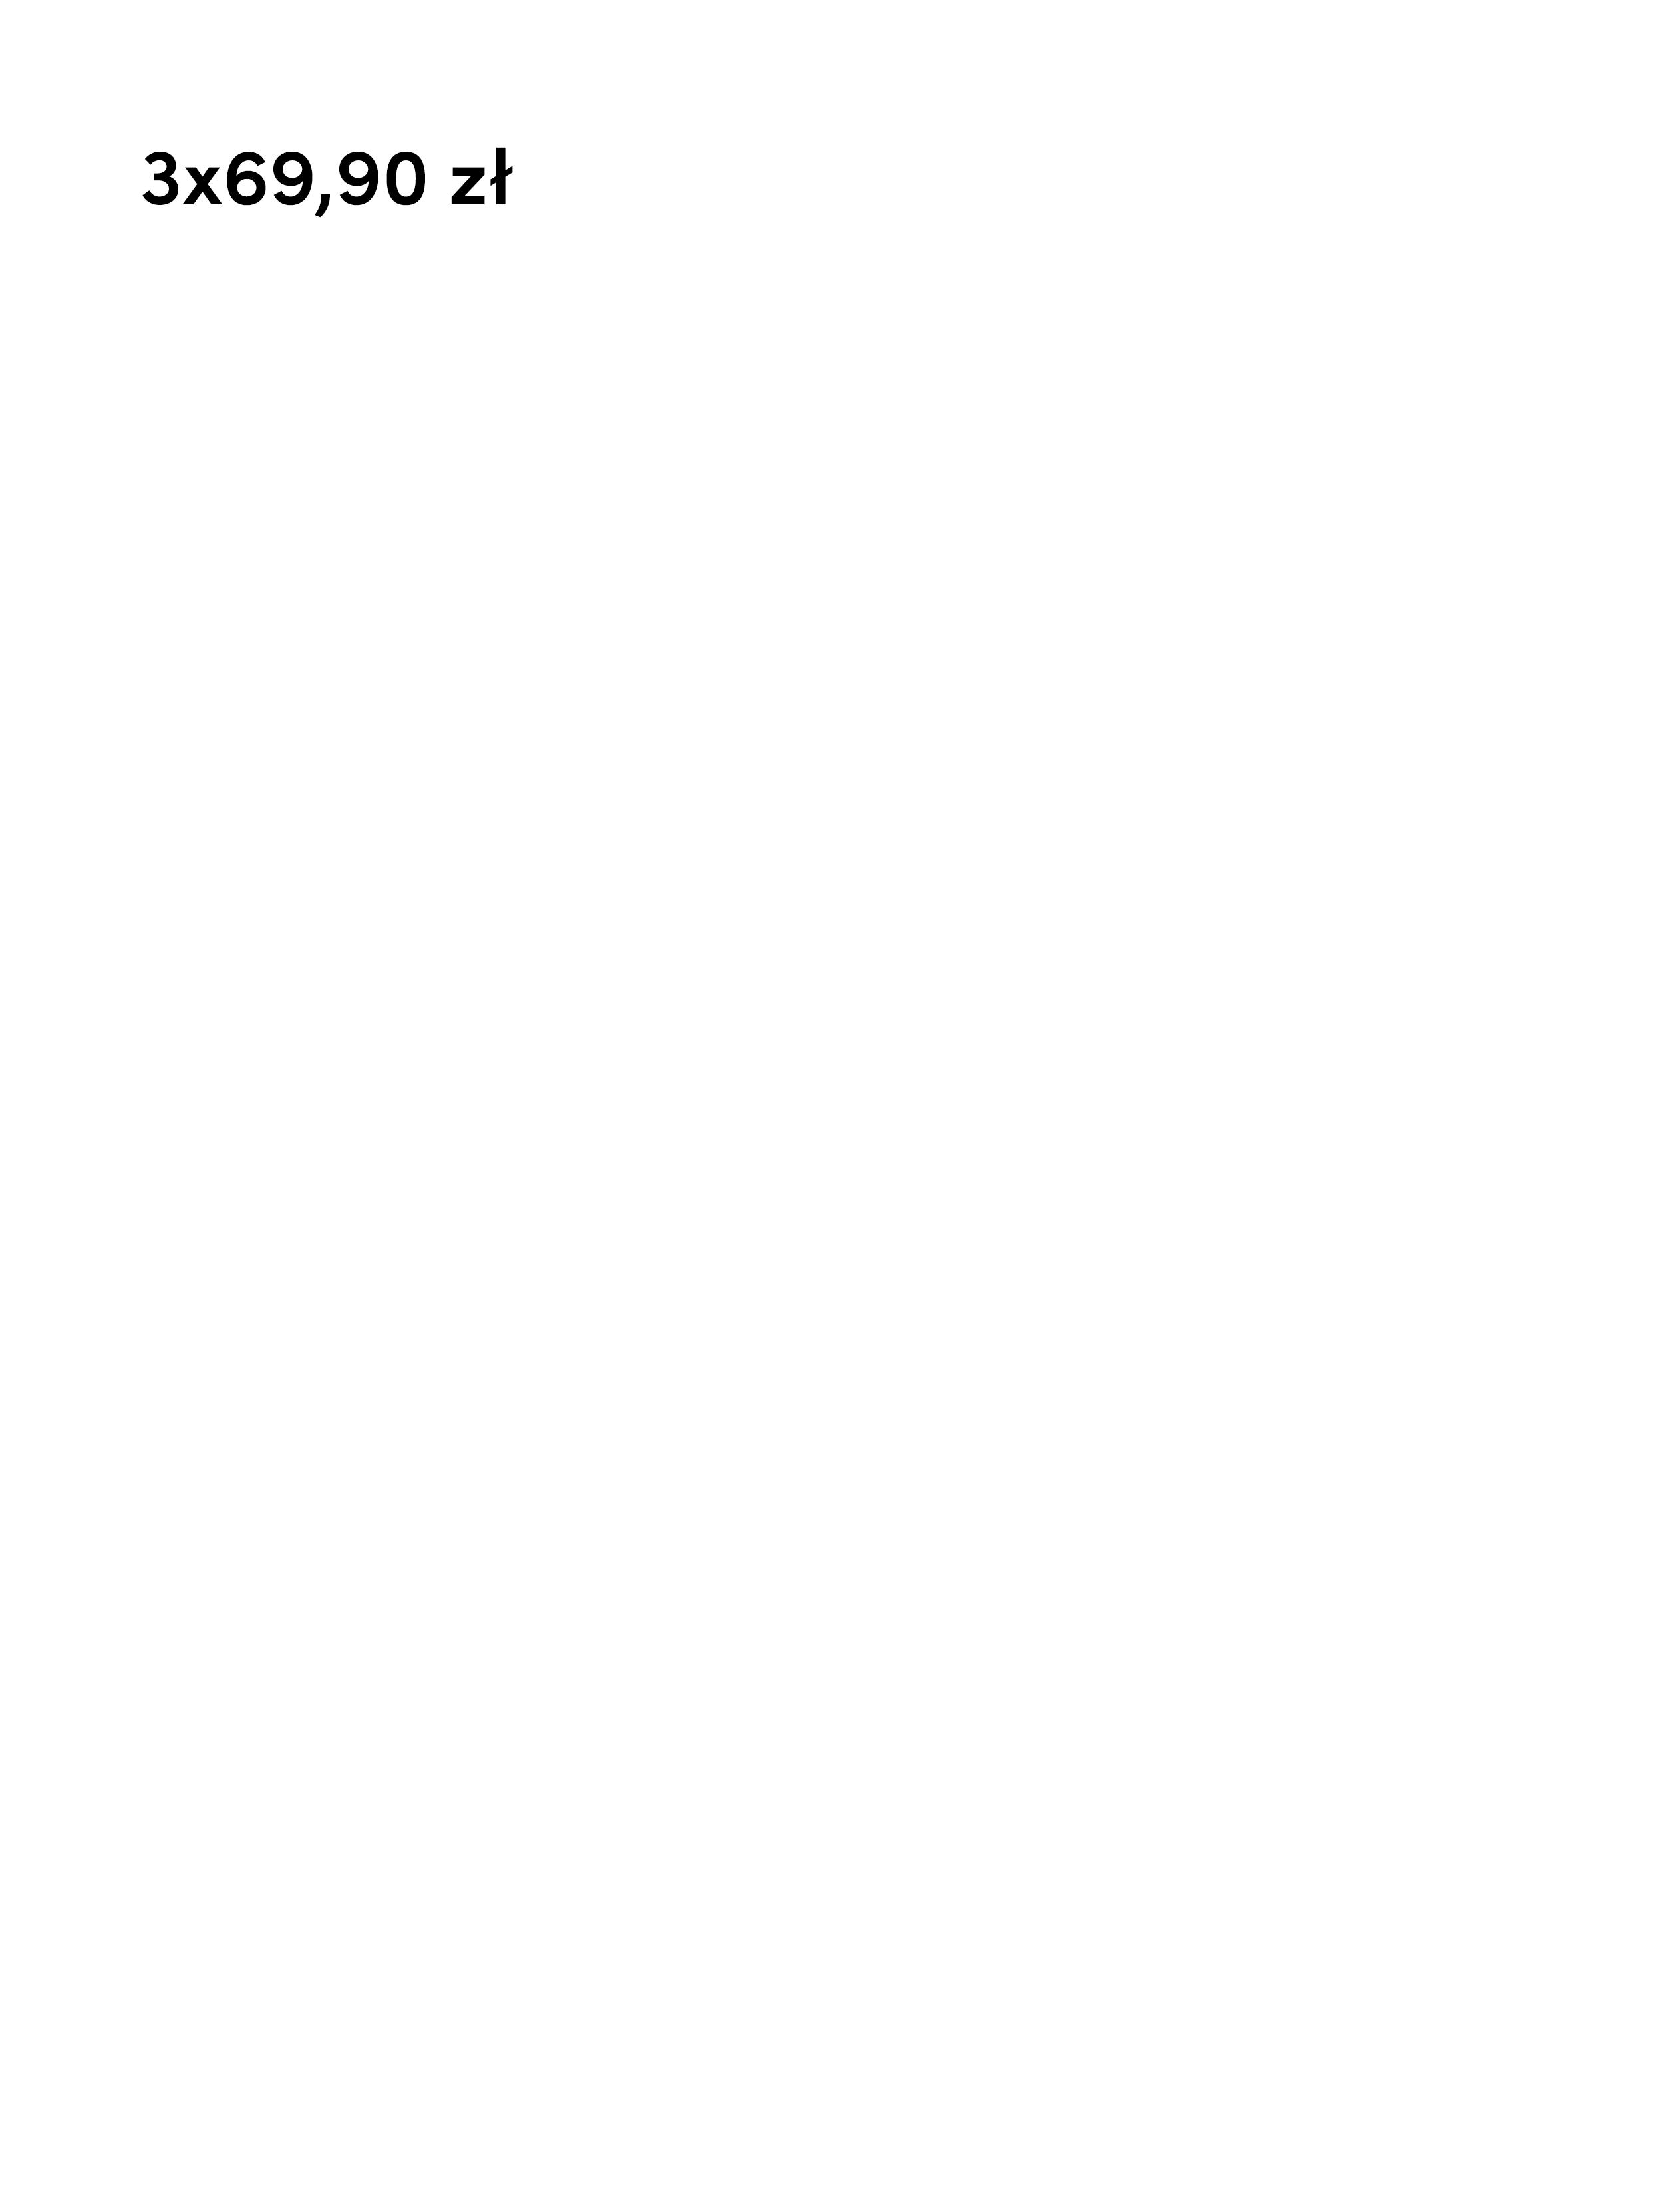 PL_3x69,90